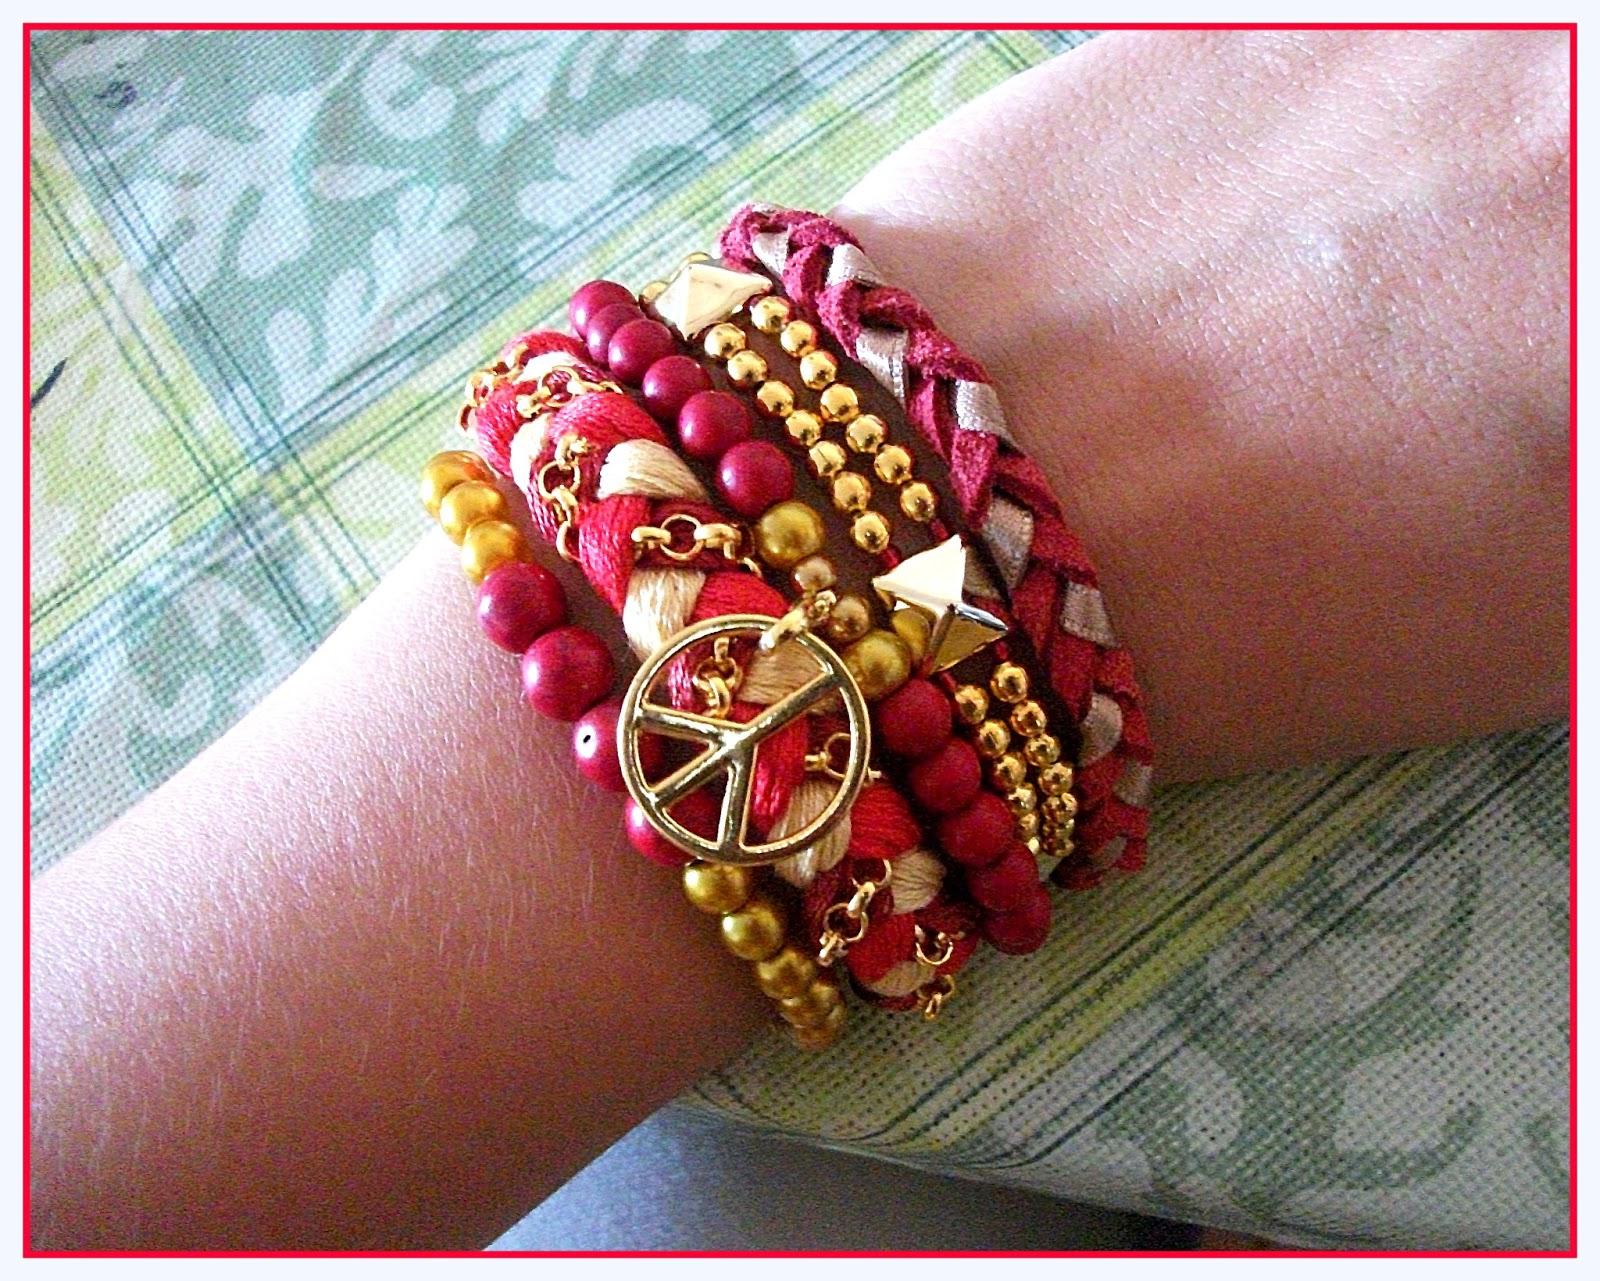 Nuevas multipuseras, más grandes, con más pulseras, hechas con hilo de bordar, perlas de cristal, piedras naturales, metal, piezas sintéticas, cadenas,